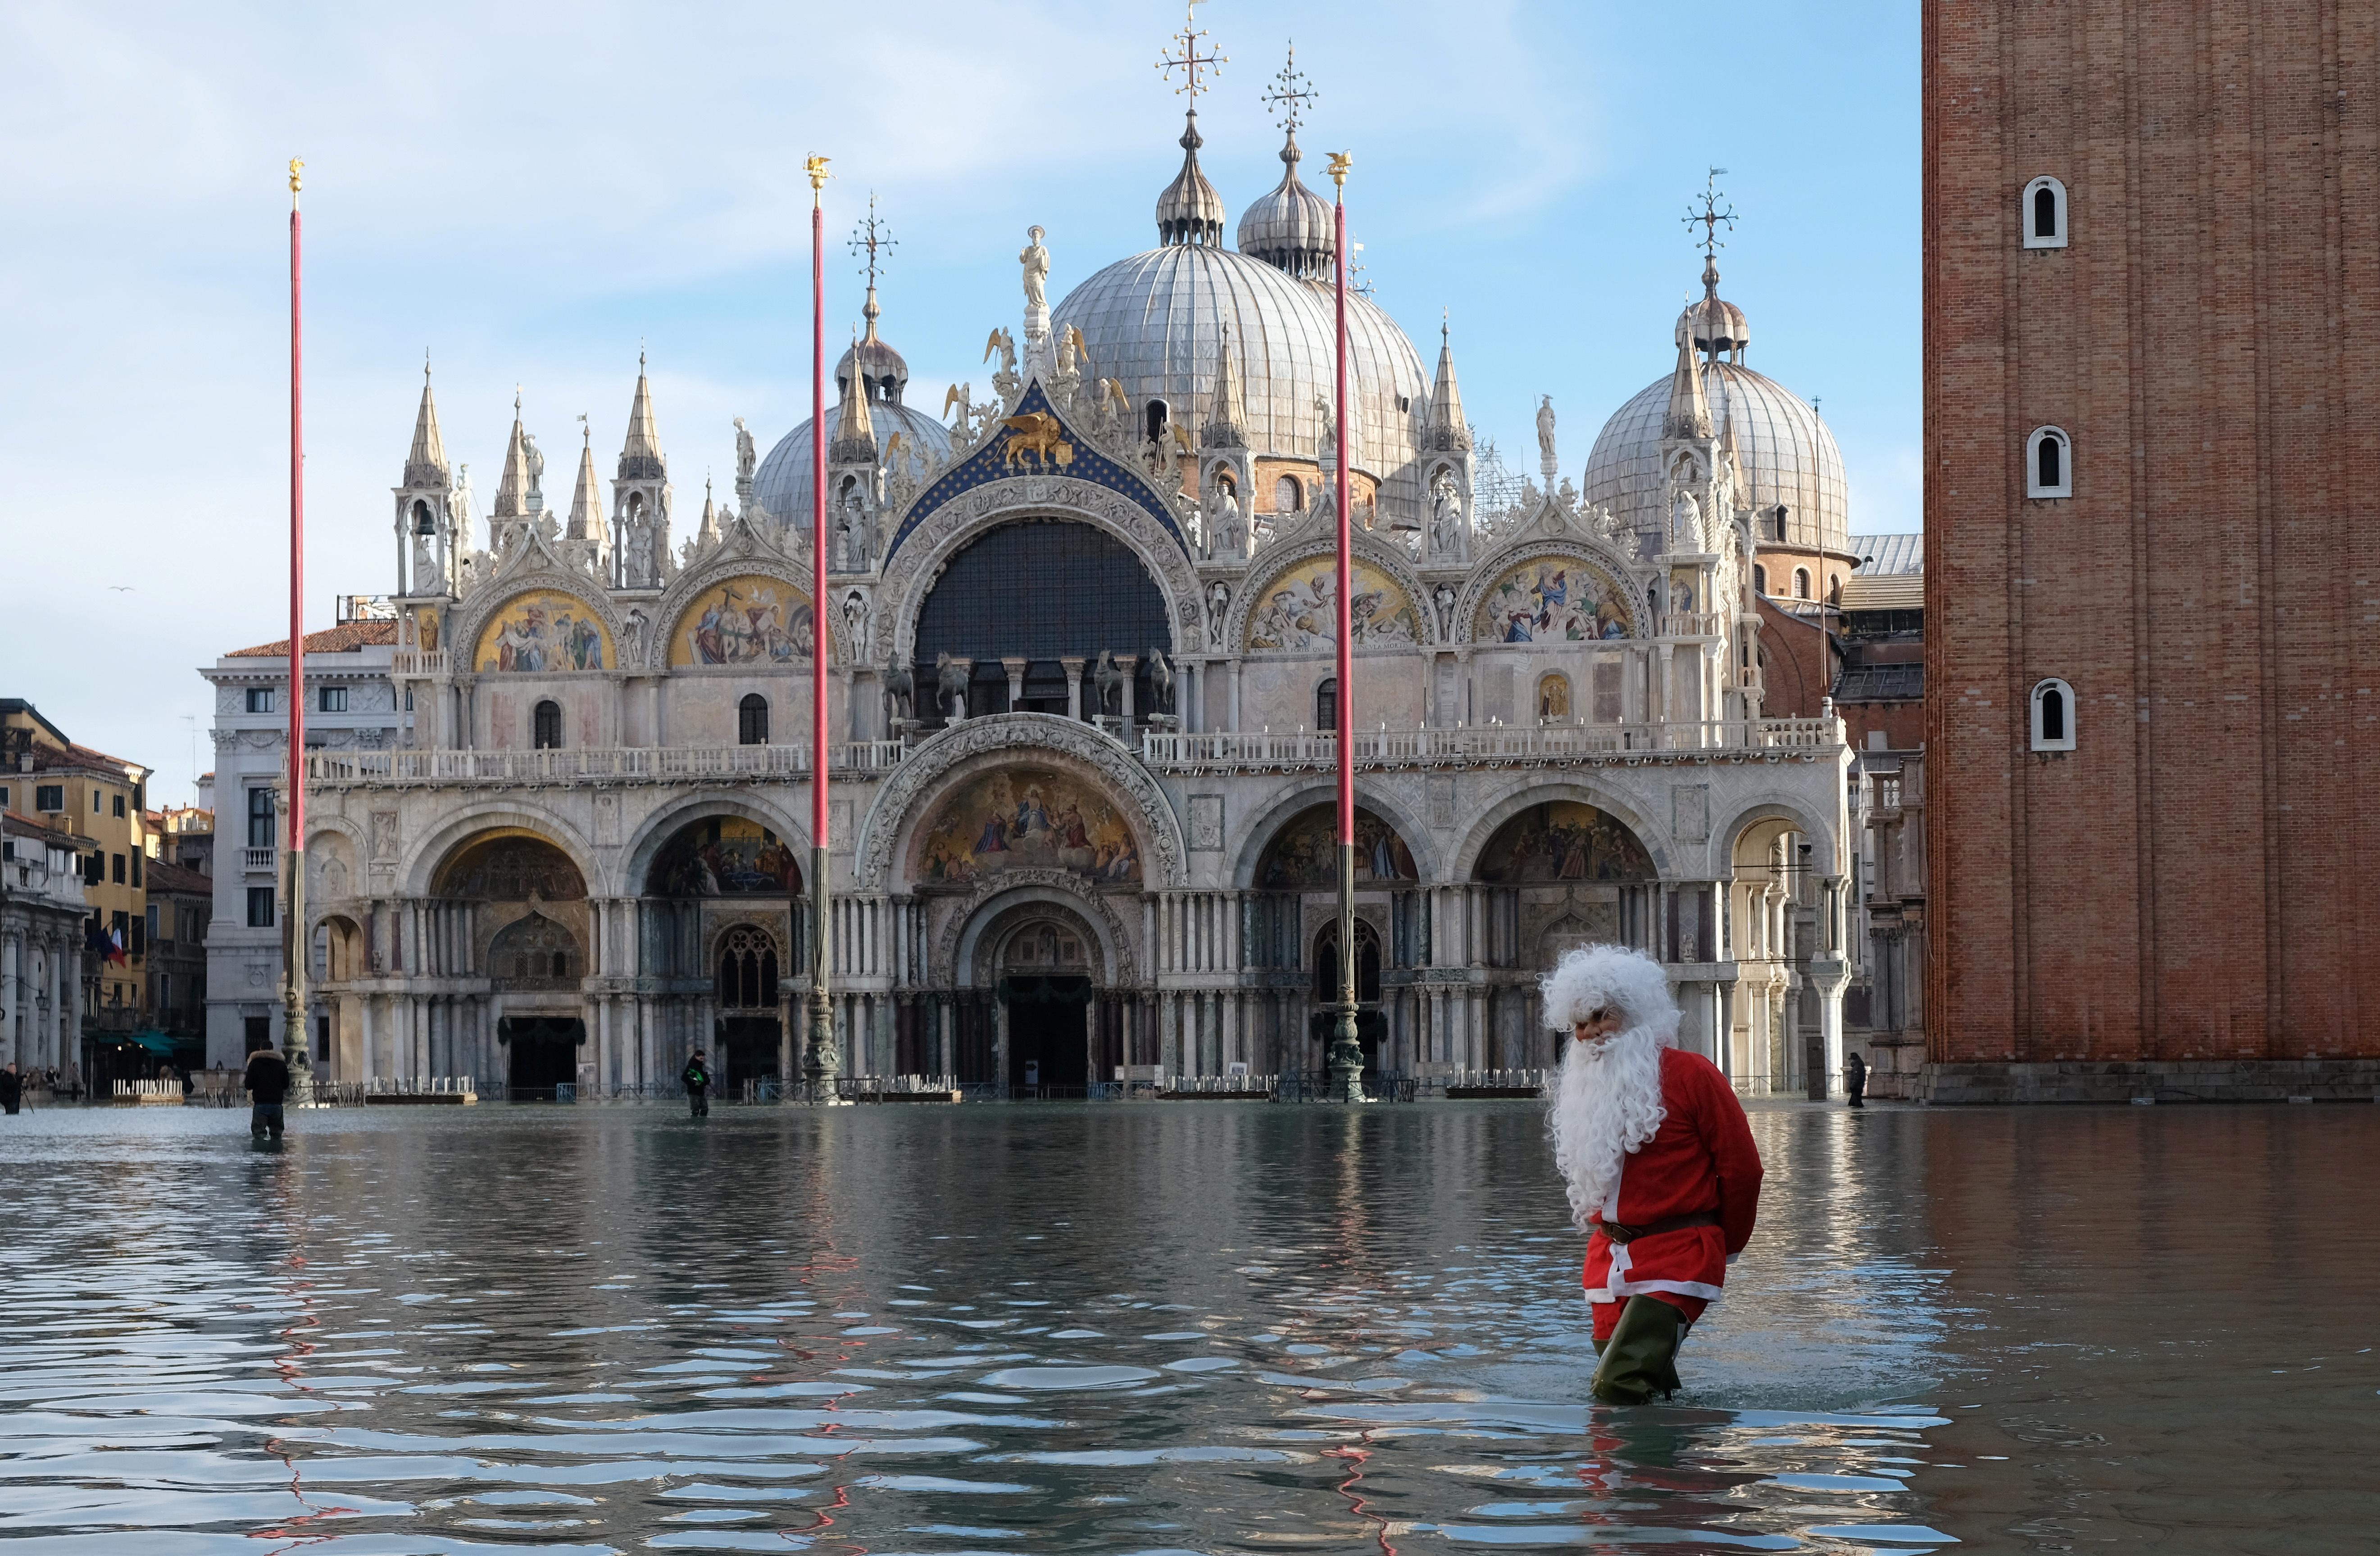 Un hombre vestido de Santa Claus vadeando las aguas de la inundación en la Plaza de San Marcos durante la marea alta en Venecia, Italia, el 23 de diciembre de 2019 (REUTERS/Manuel Silvestri)